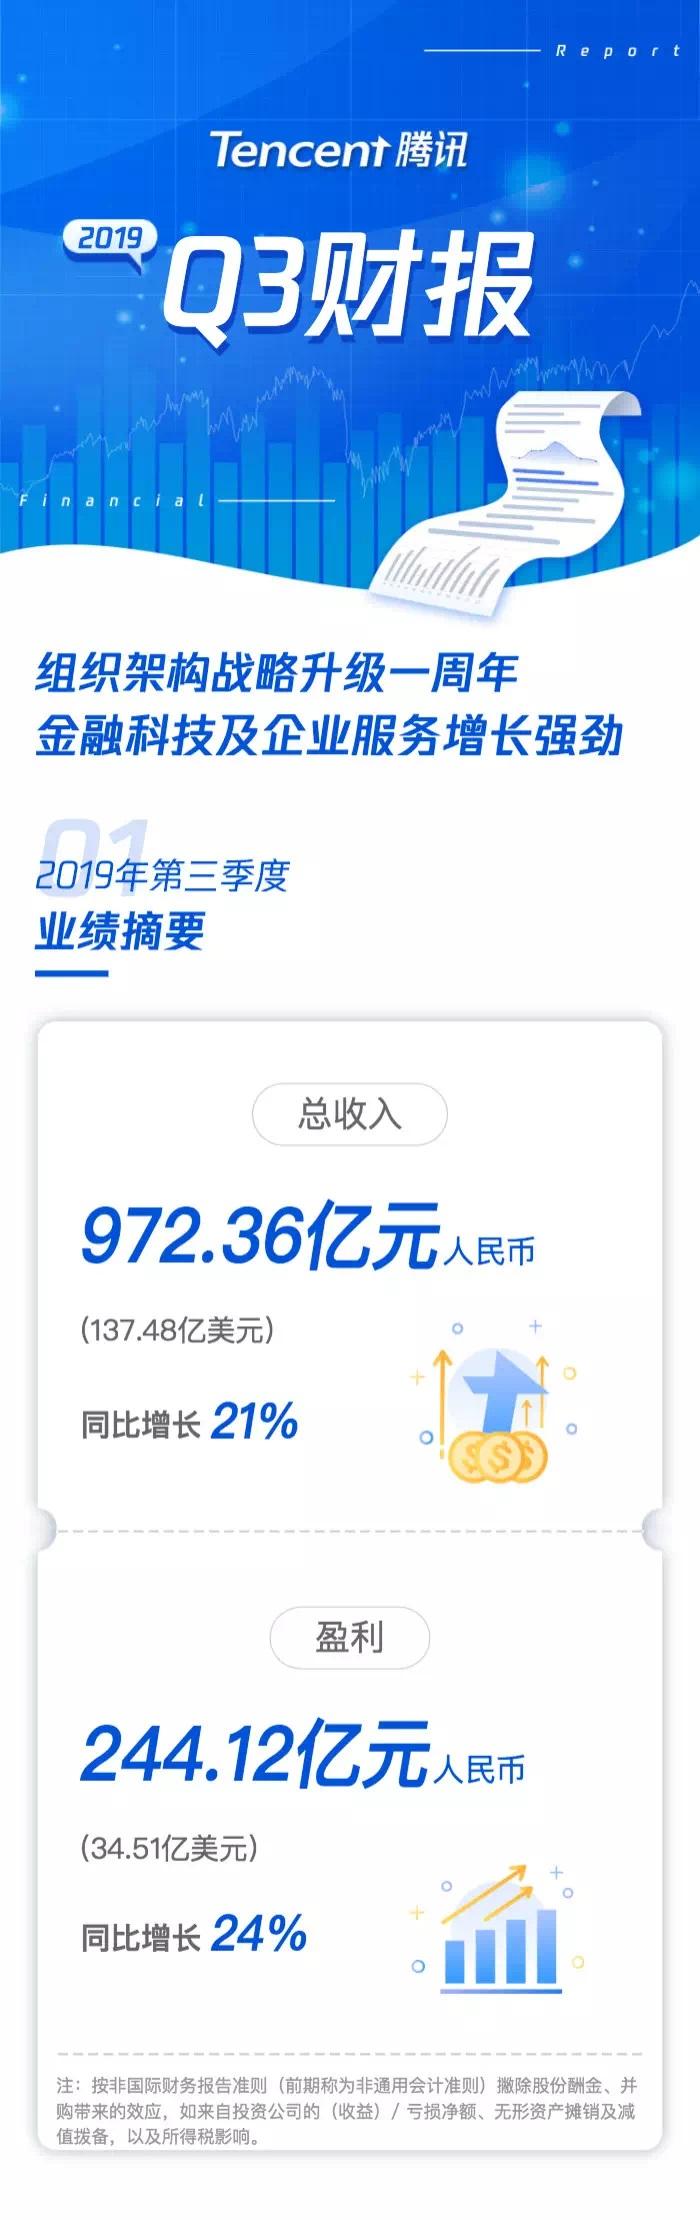 狮威平台网站 支付牌照价值缩水九成 从标价30亿到